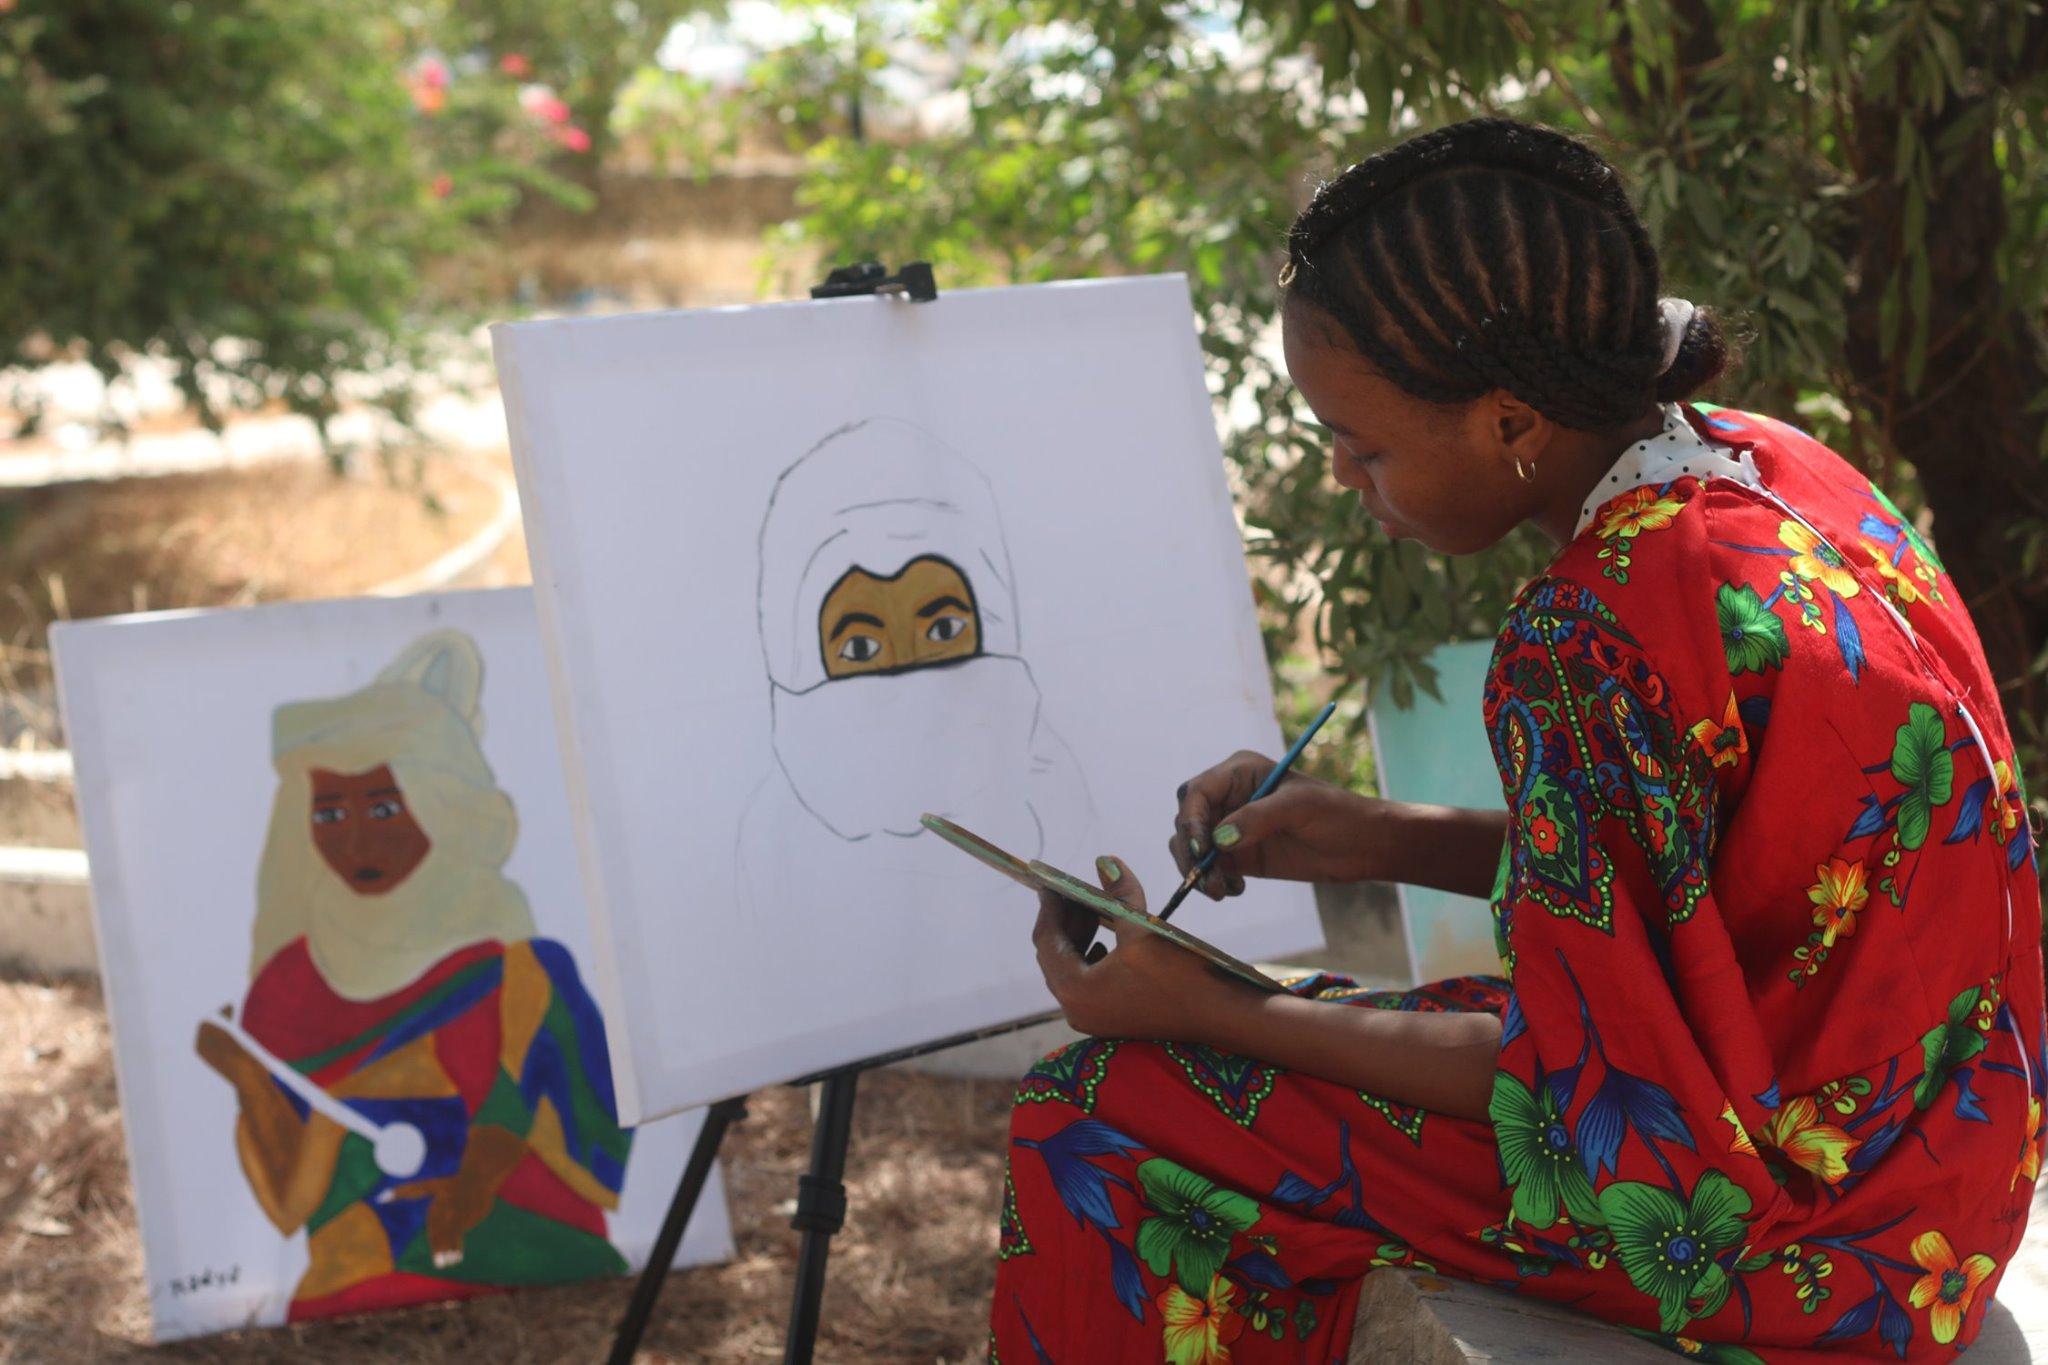 صورة نشرتها الصفحة الرسمية لليوم الوطني للثقافة التباوية على الفيسبوك